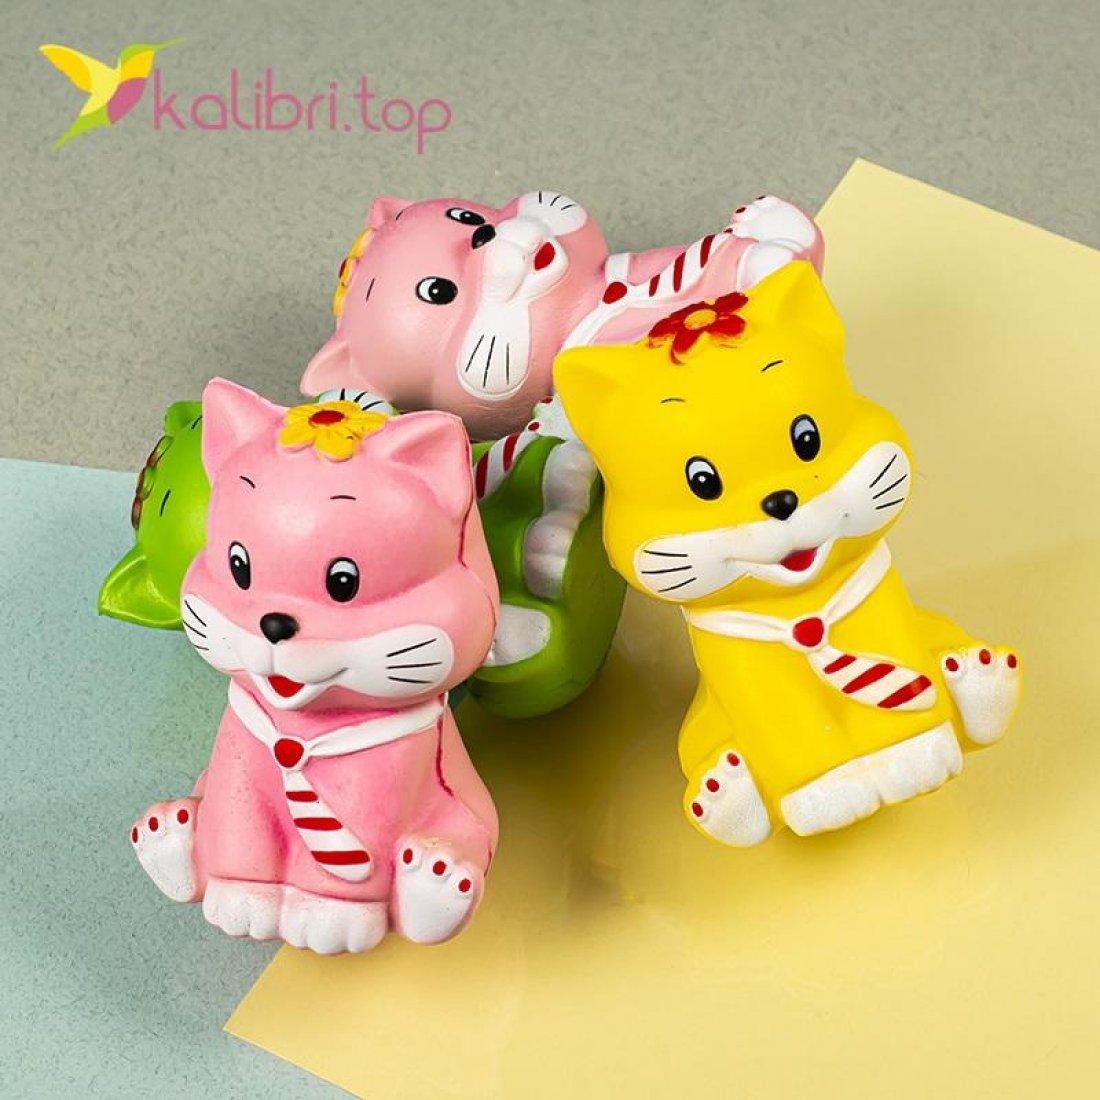 Детская игрушка сквиш Котик оптом фото 600